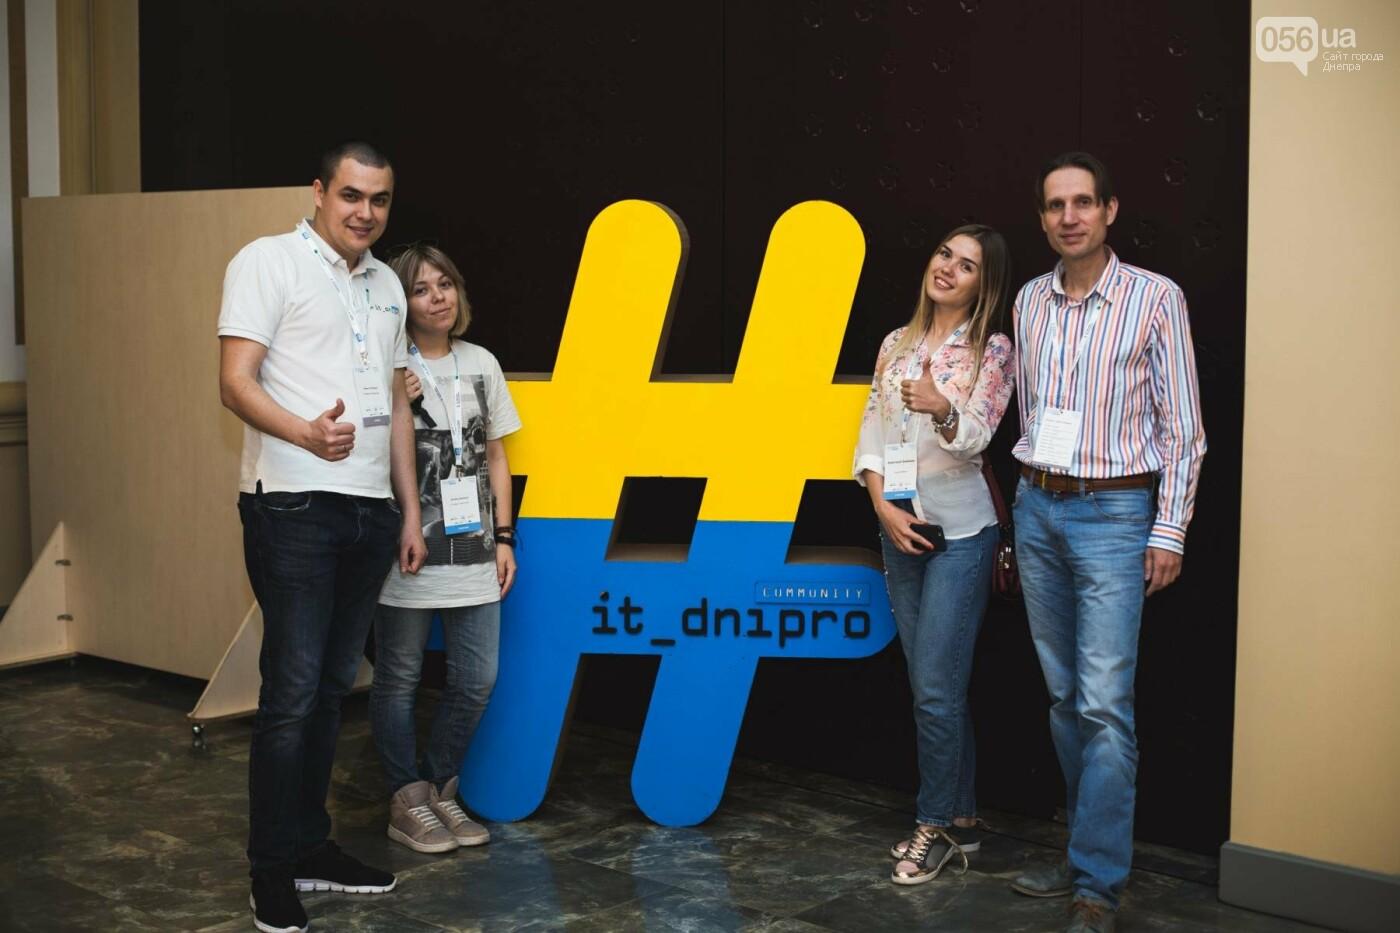 В Днепре прошла бизнес-конференция IT Dnipro Conference: подробности, - ФОТО, фото-12